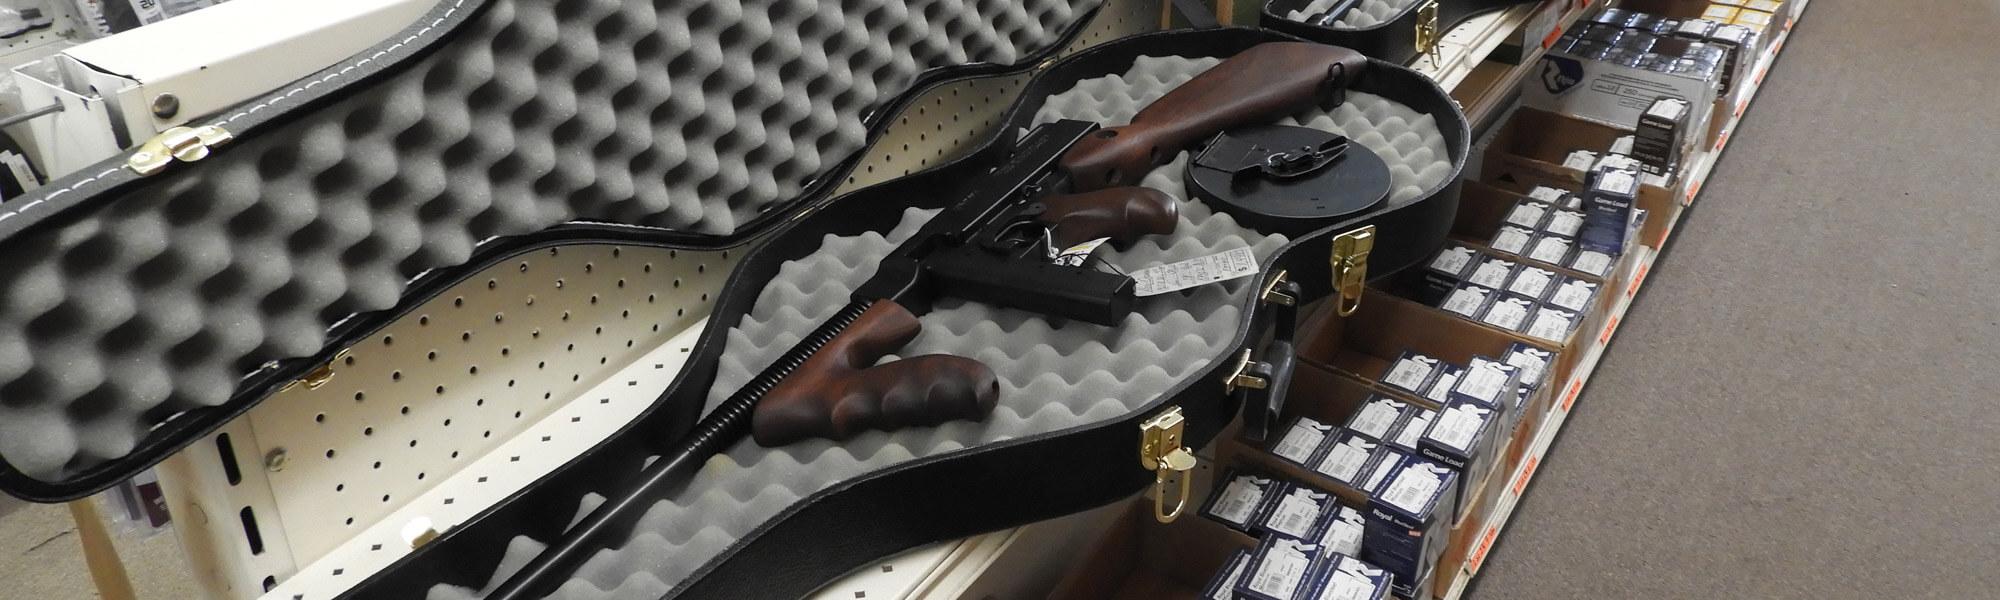 Tommy Gun in Cello Case